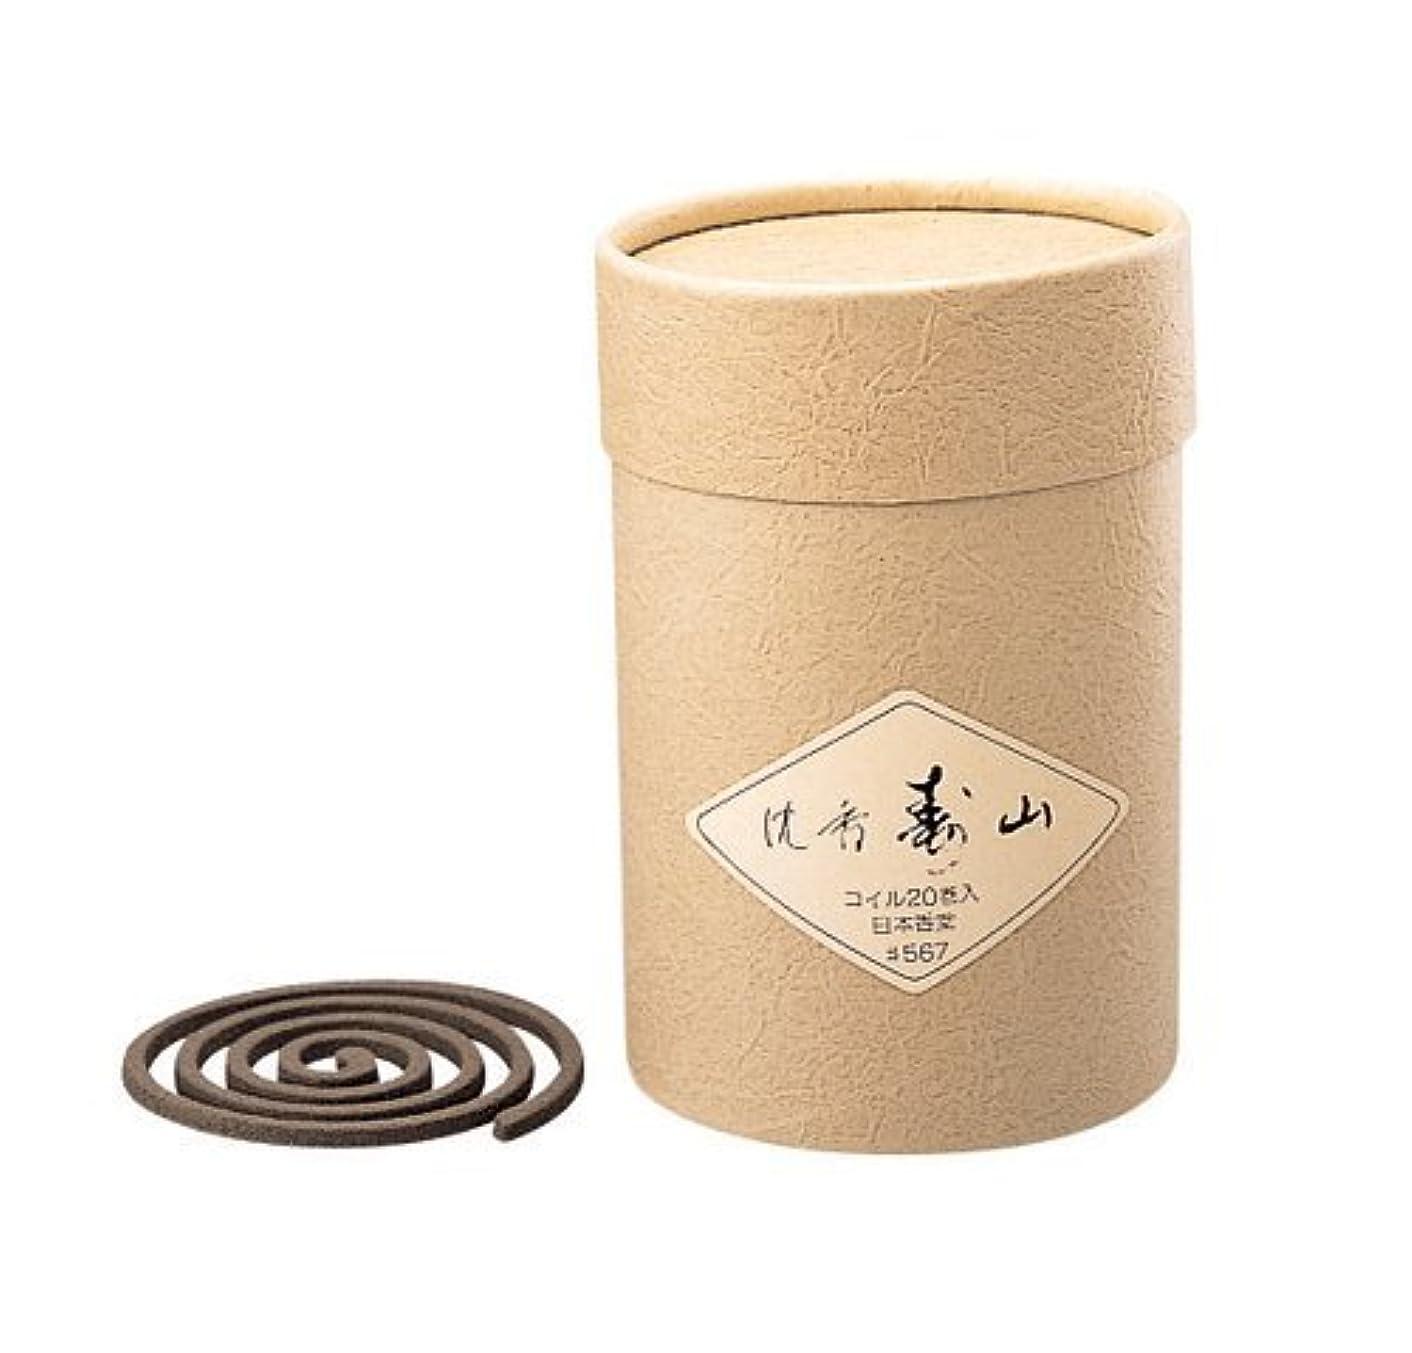 決定的入力コンデンサー香木の香りのお香 沈香寿山 コイル20巻入【お香】